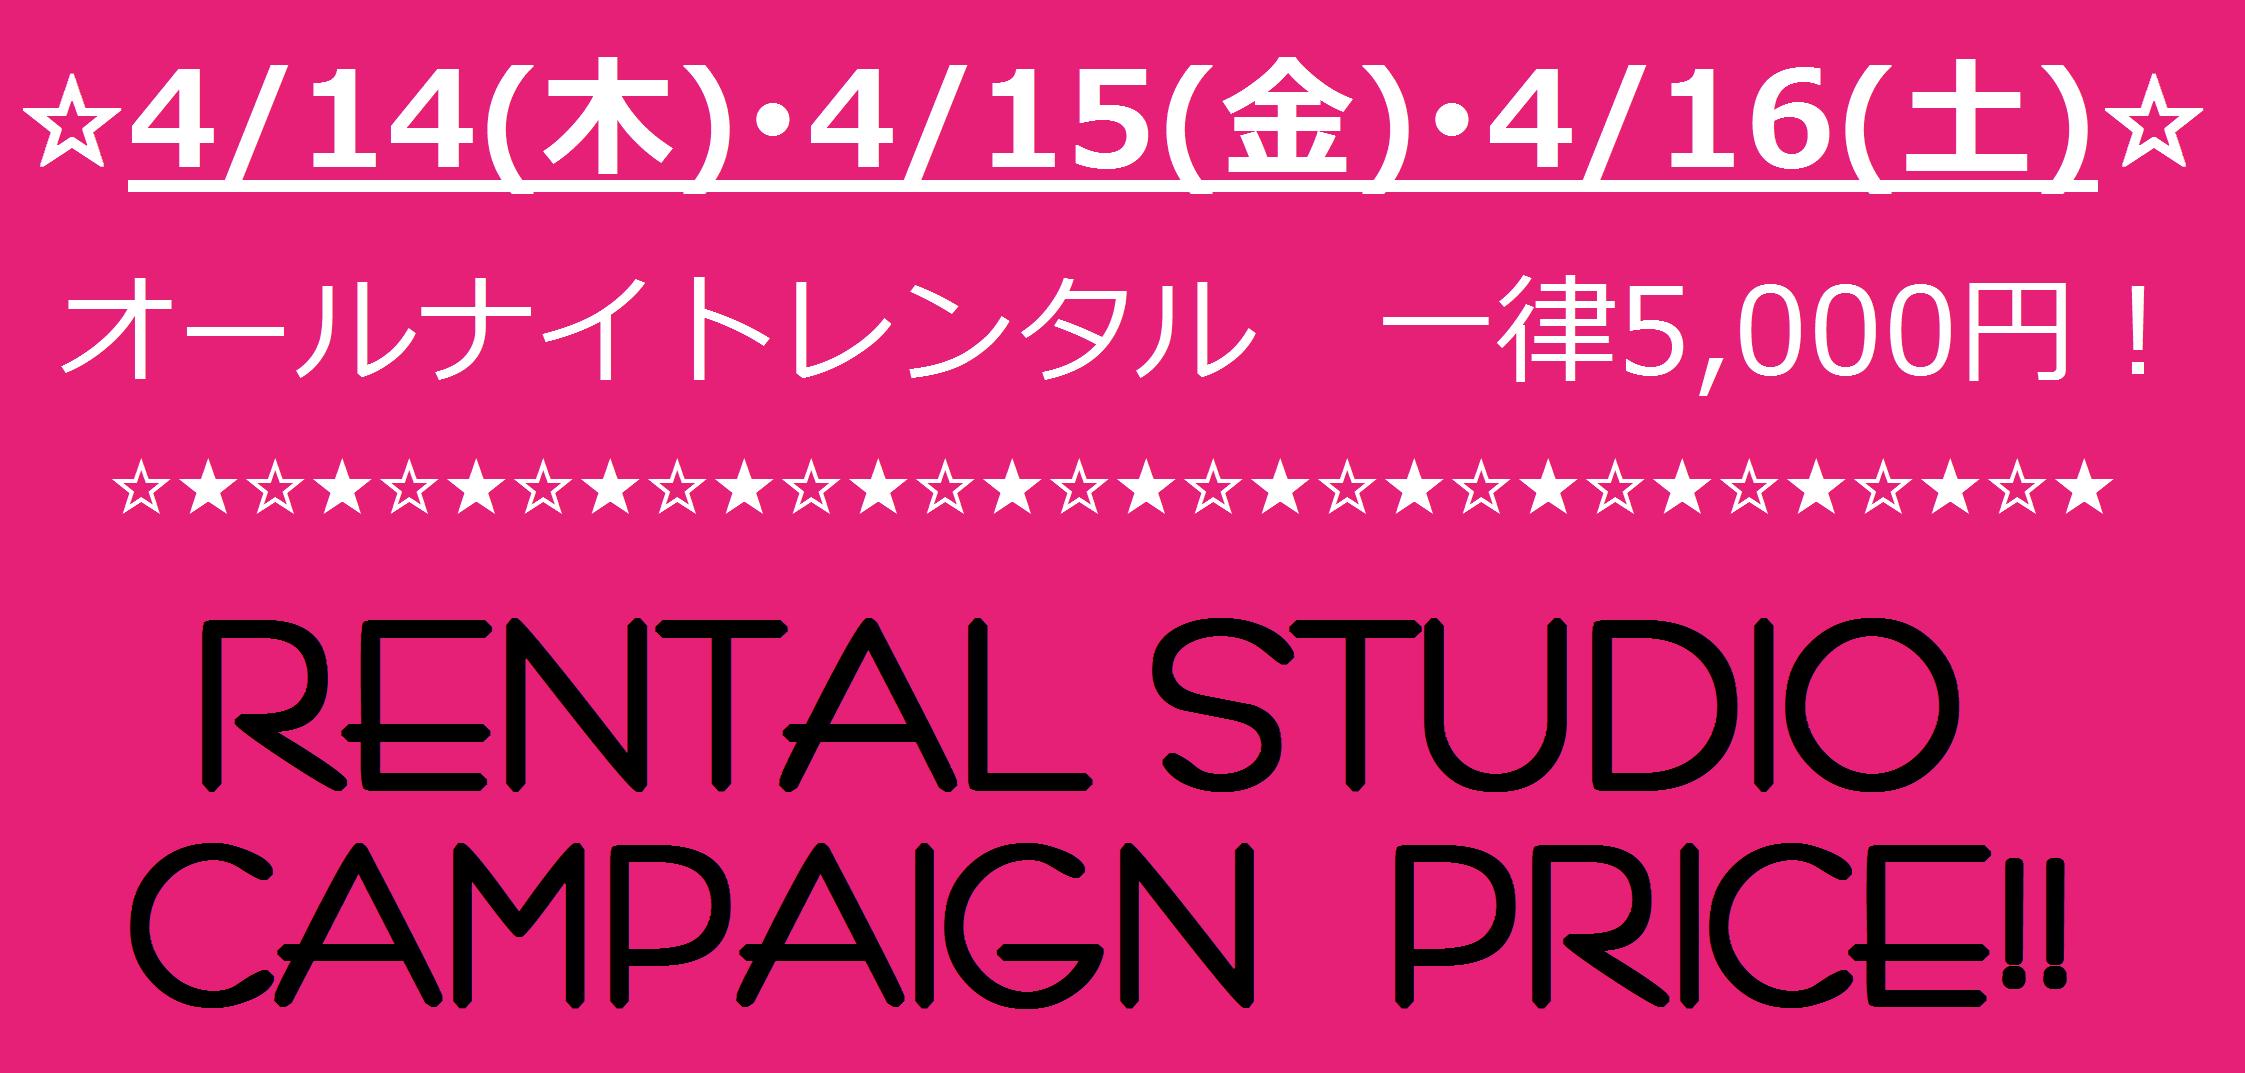 レンタルスタジオ キャンペーンバナー(2016.4.14~4.16深夜)